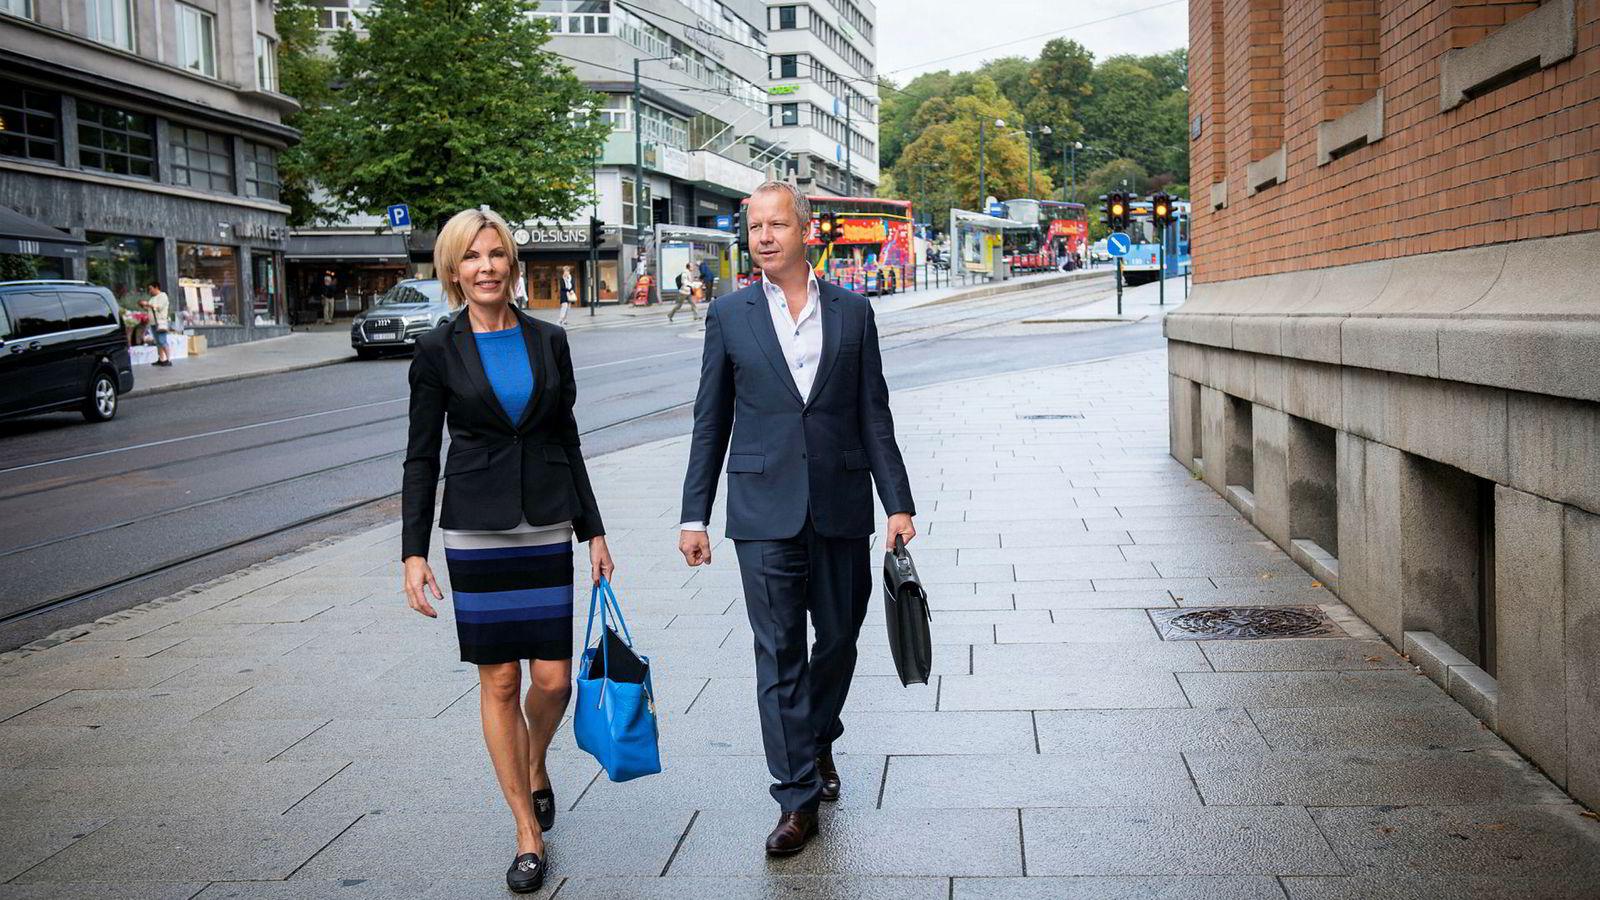 Revisor EY mente at Element med kun to ansatte ikke hadde tilstrekkelig kapasitet og kompetanse, her Elements avtroppende administrerende direktør Cecilie Grue og tidligere styreleder Lars Christian Beitnes.